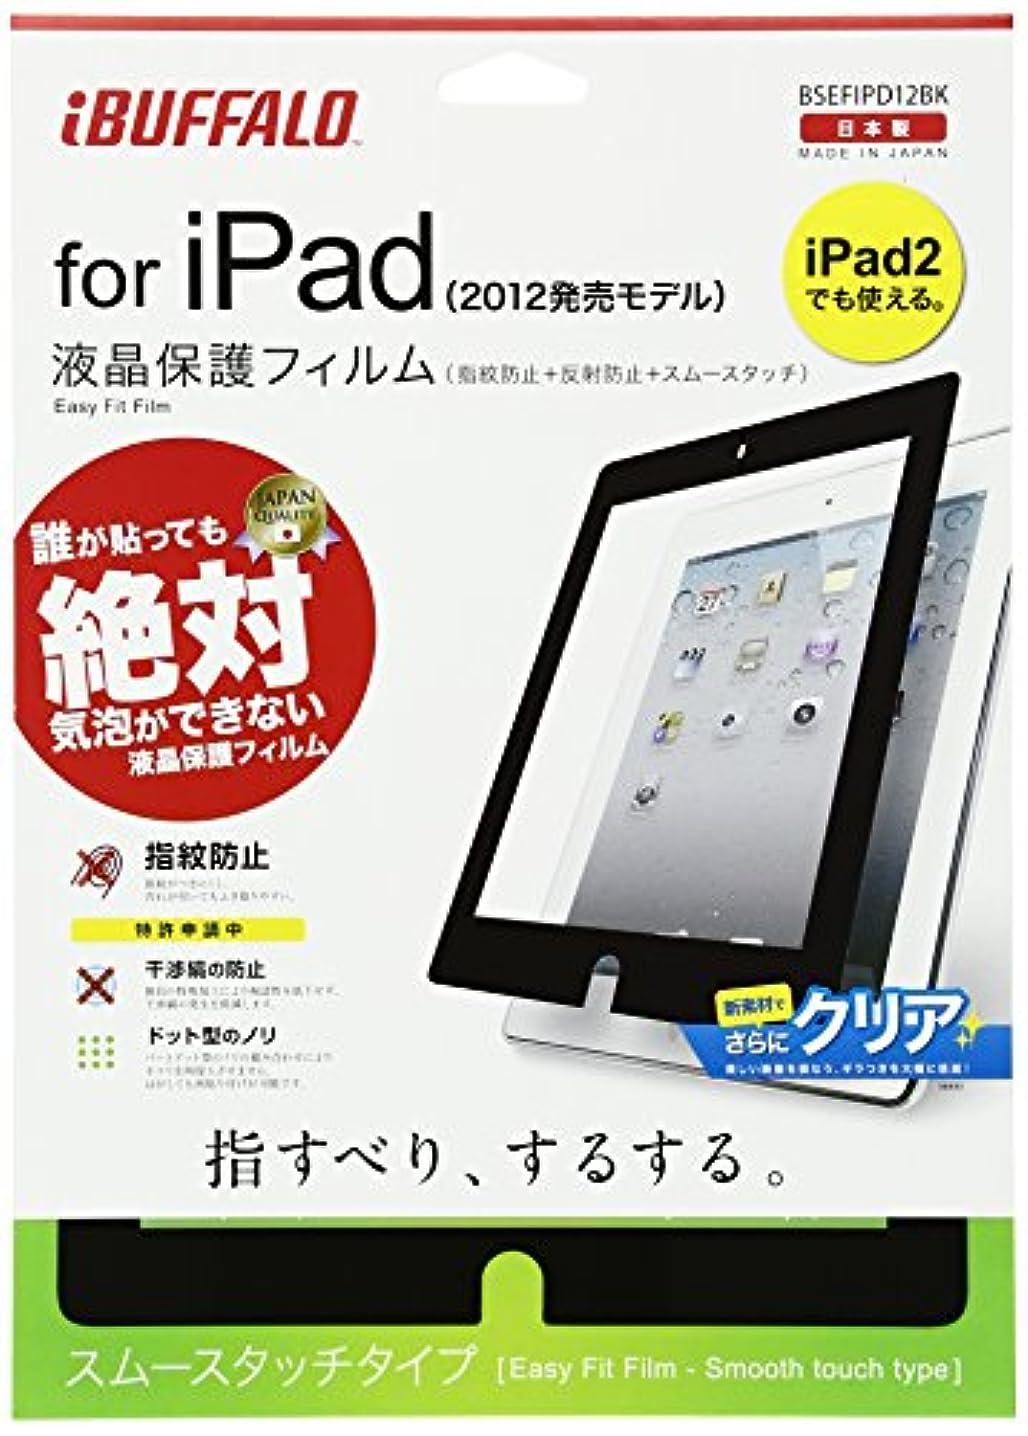 累計貢献する本物のiBUFFALO iPad(Retinaディスプレイモデル対応) 【誰が貼っても気泡ができにくい】イージーフィット 反射防止 ブラック BSEFIPD12BK